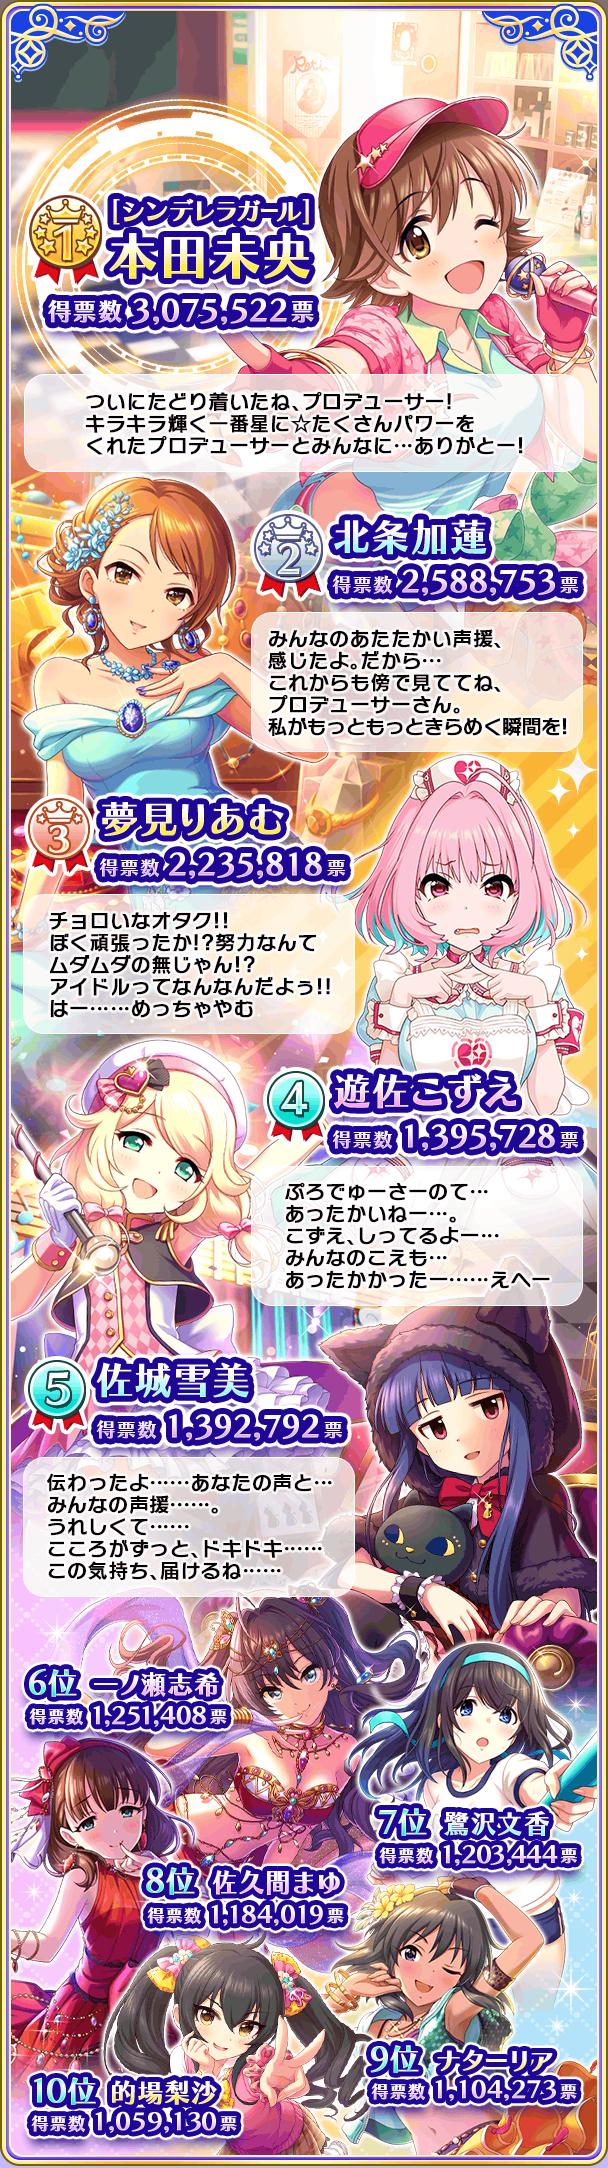 【朗報】デレマスの本田未央さん、ついにシンデレラガールに選ばれるwww